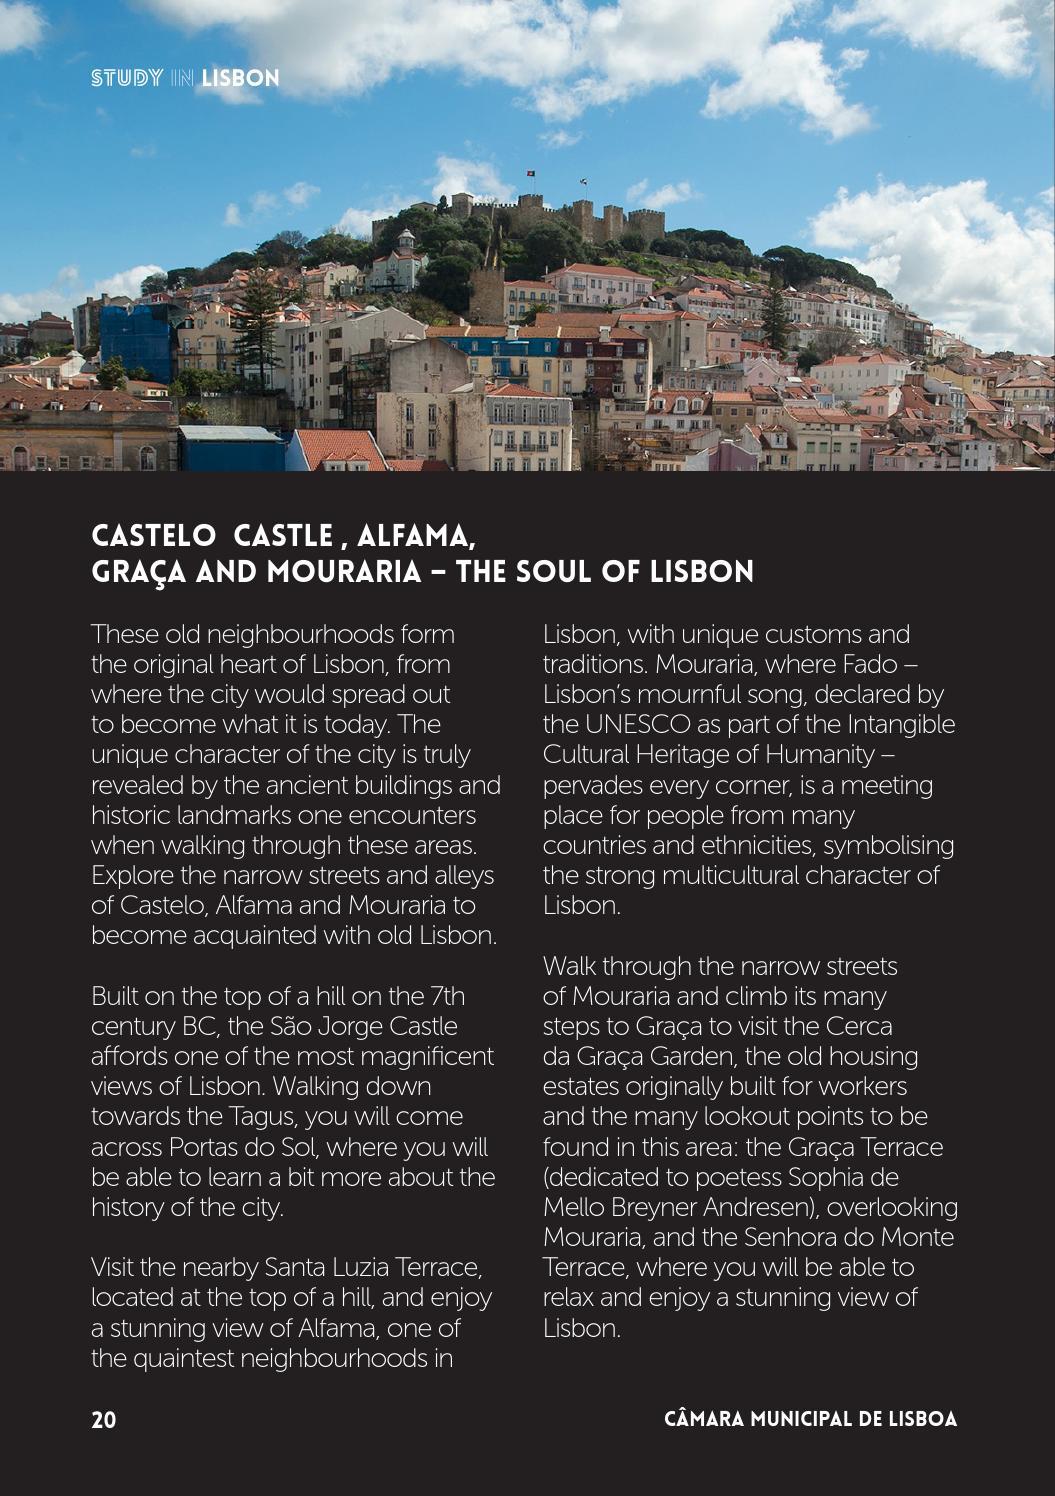 Guia do Estudante Universitário de Lisboa 2015 pt en by